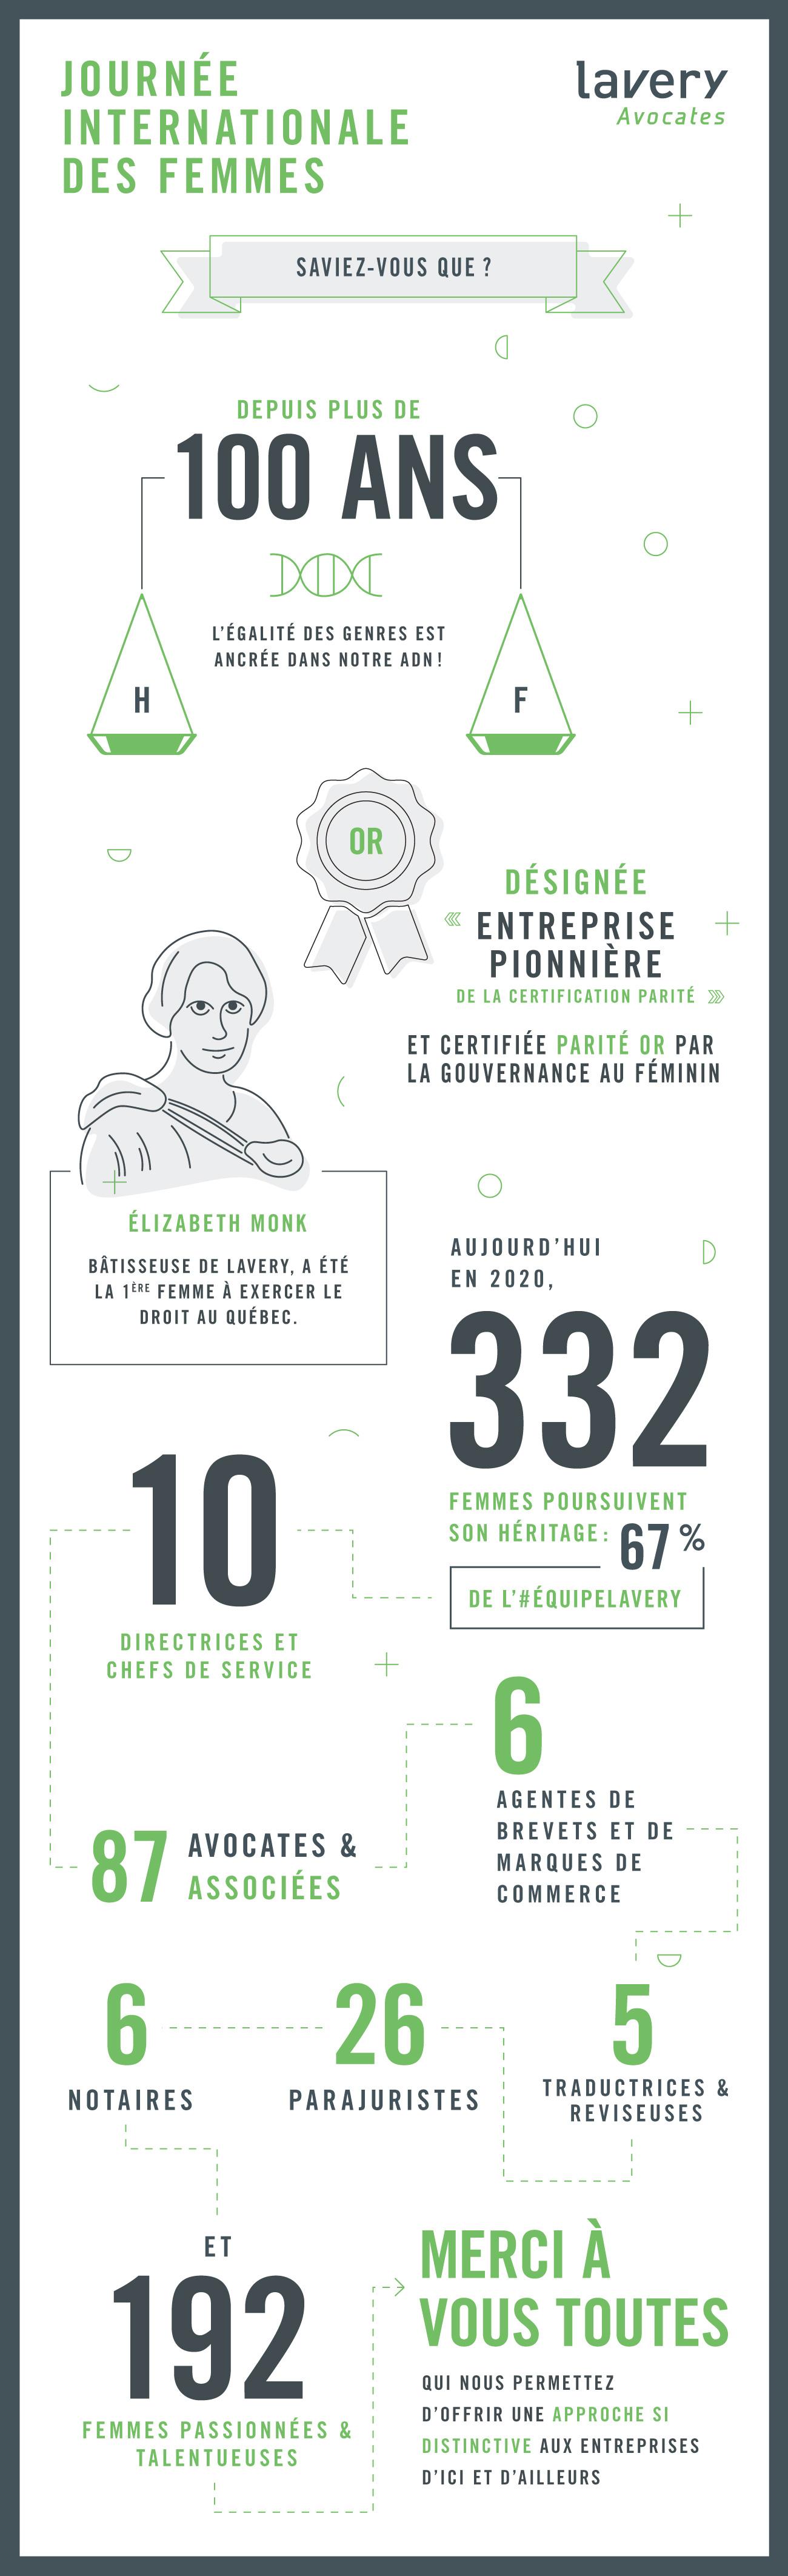 Lavery avocats un pionnier de la représentation des femmes à des postes de responsabilité dans l'industrie juridique